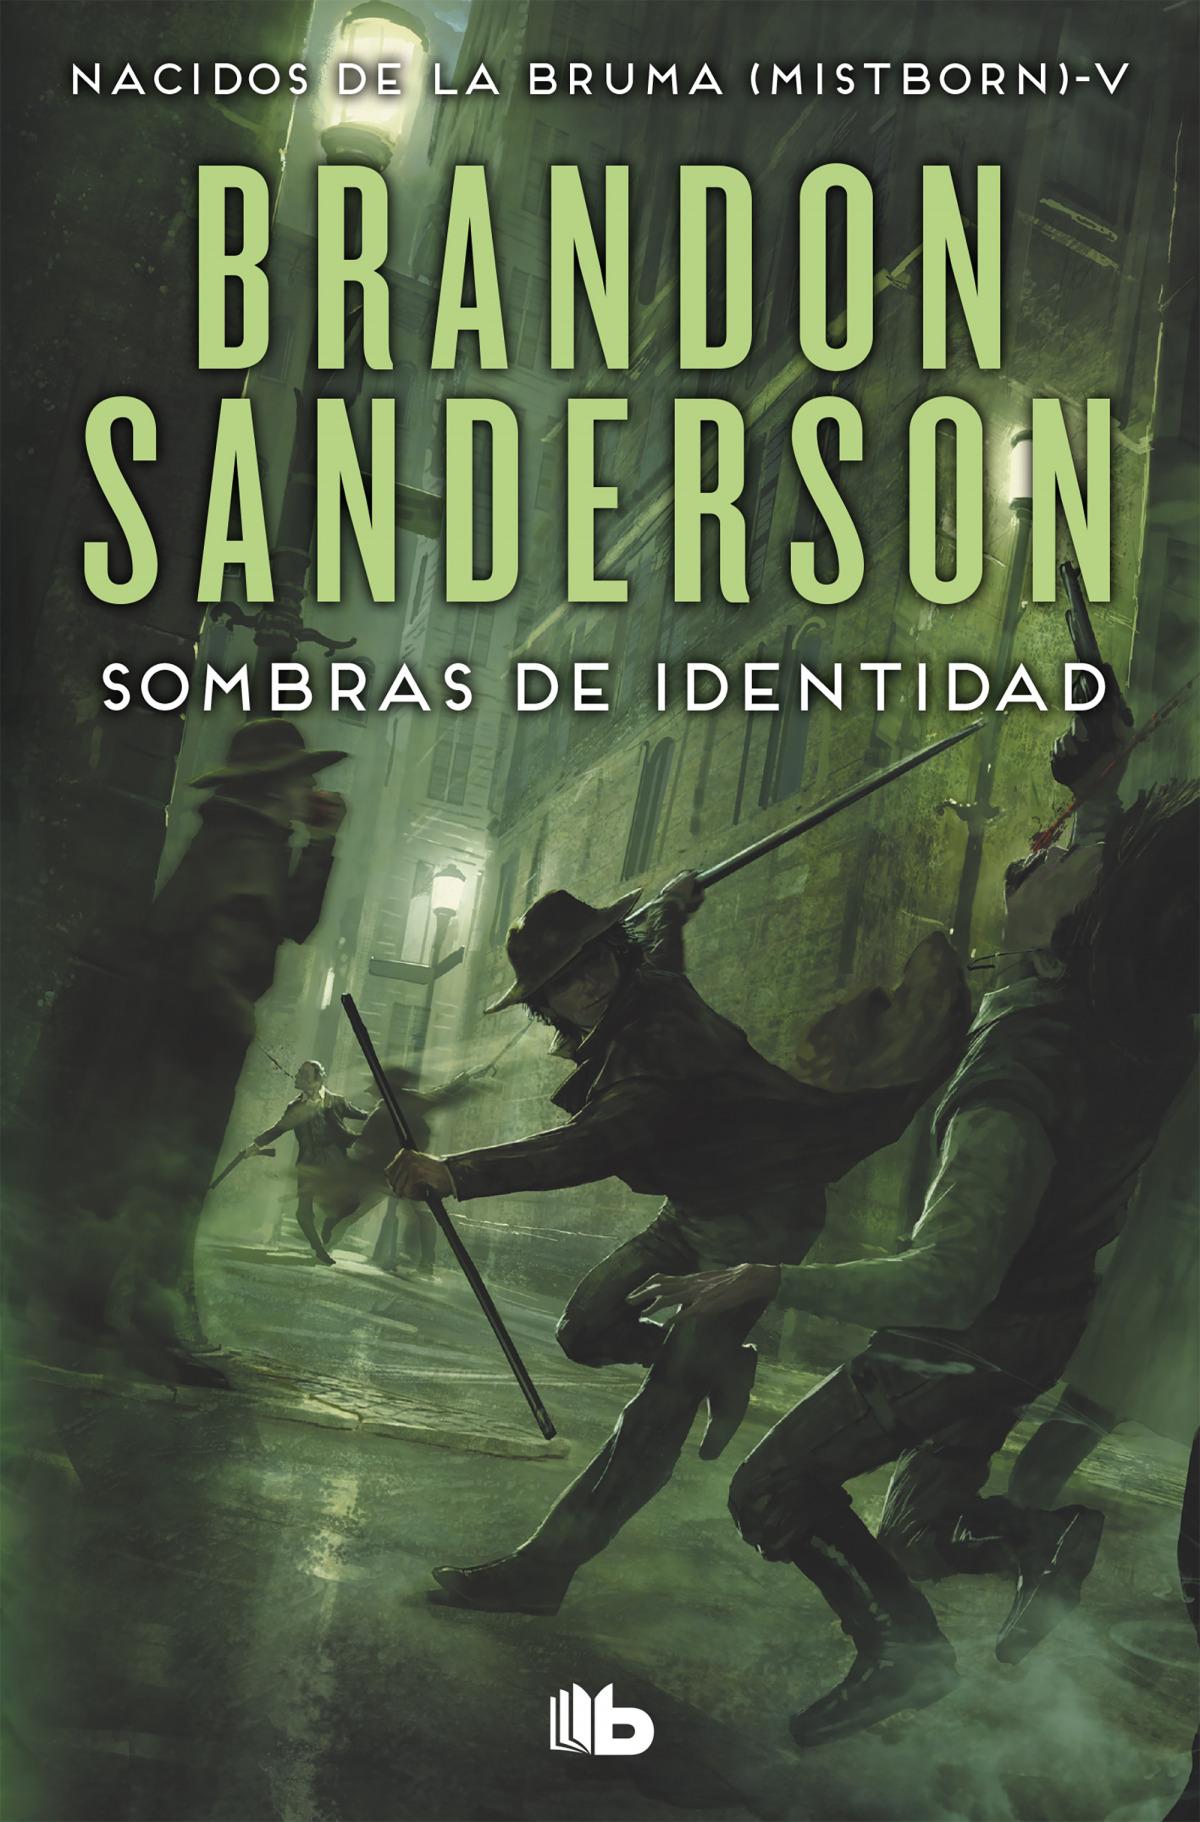 SOMBRAS DE IDENTIDAD 9788490708293